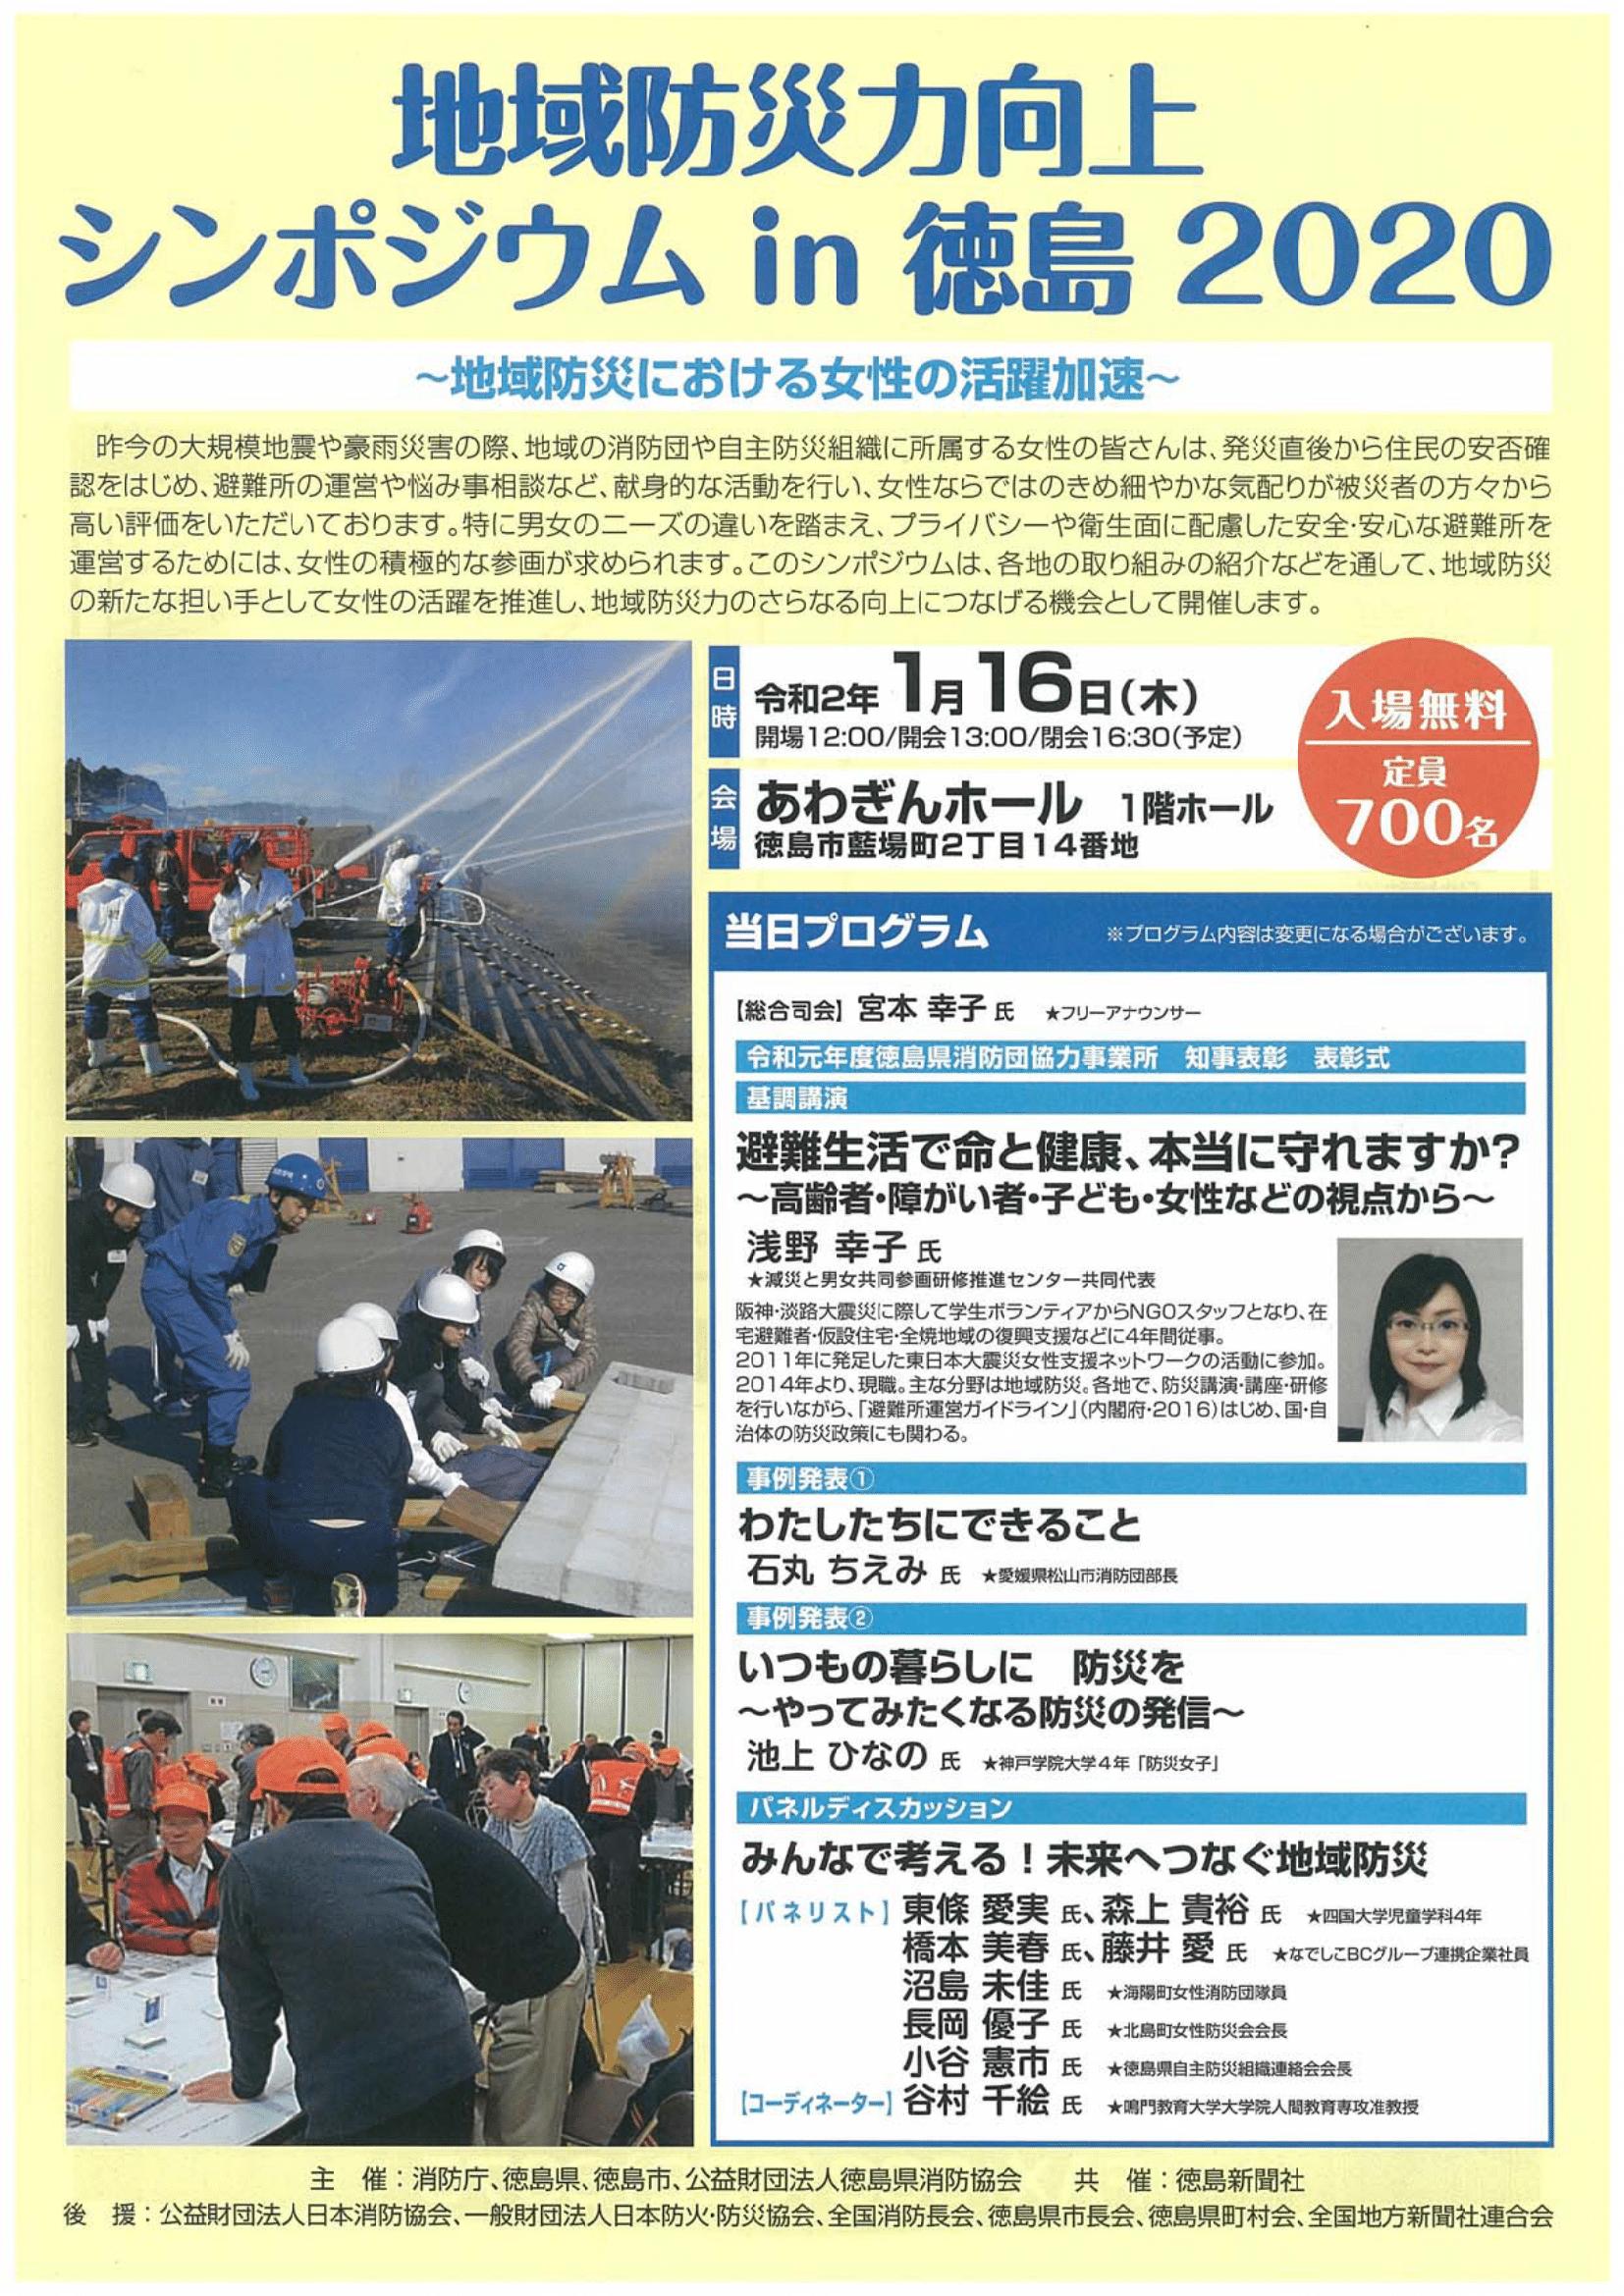 地域防災力向上シンポジウム in 徳島 2020